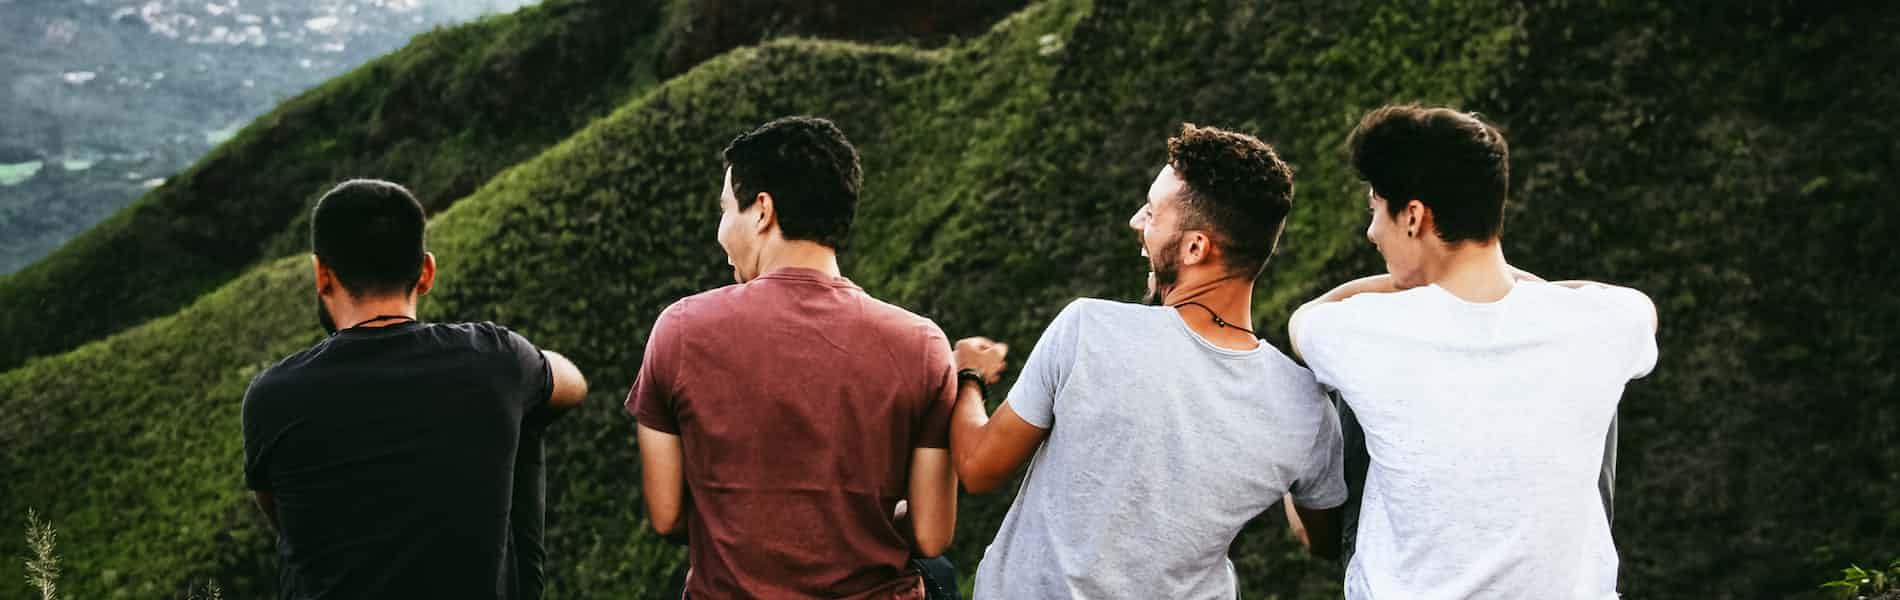 גברים מדברים אלימות: עזרה נפשית לגברים הנוהגים באלימות בזוגיות / יאיר אפטר